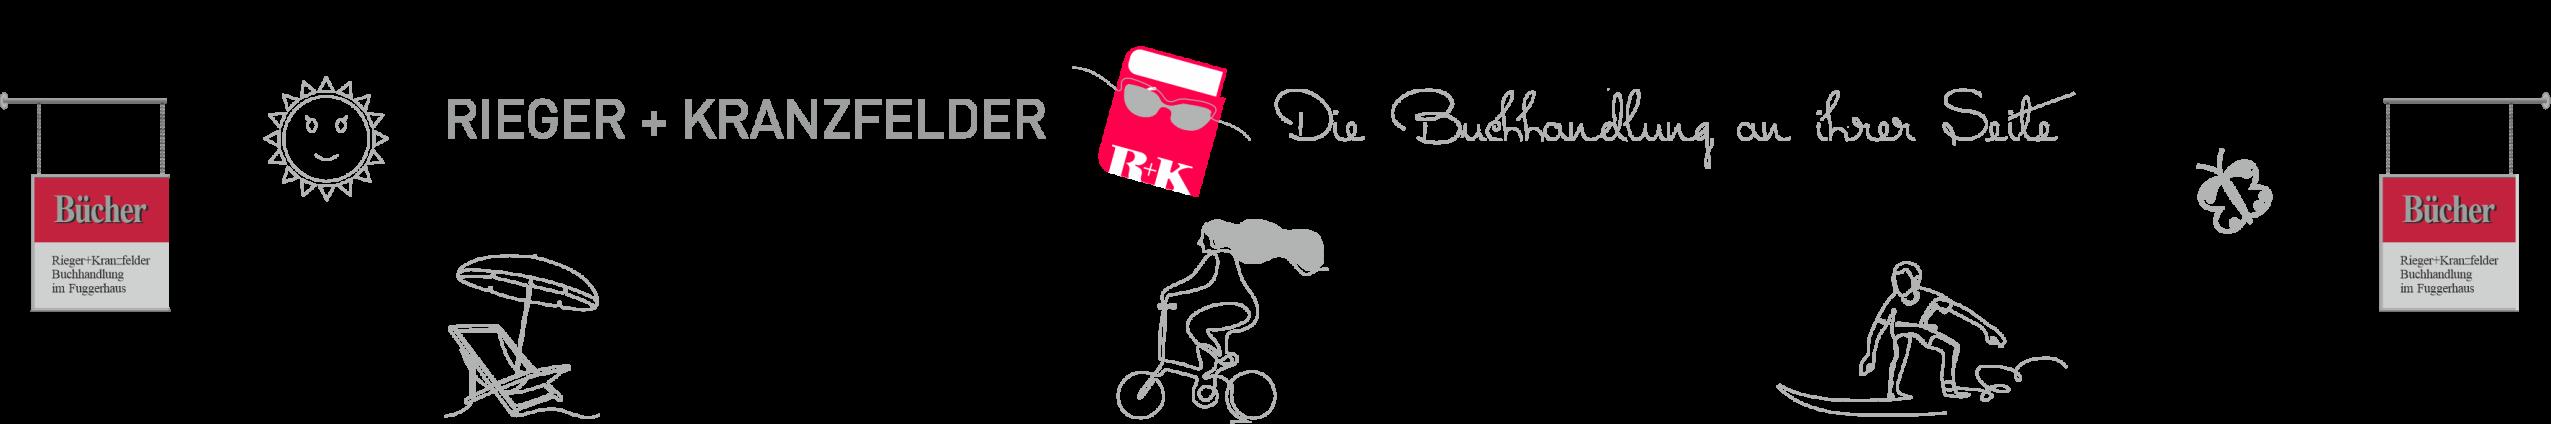 Rieger+Kranzfelder - Ihre Buchhandlung im Fuggerhaus